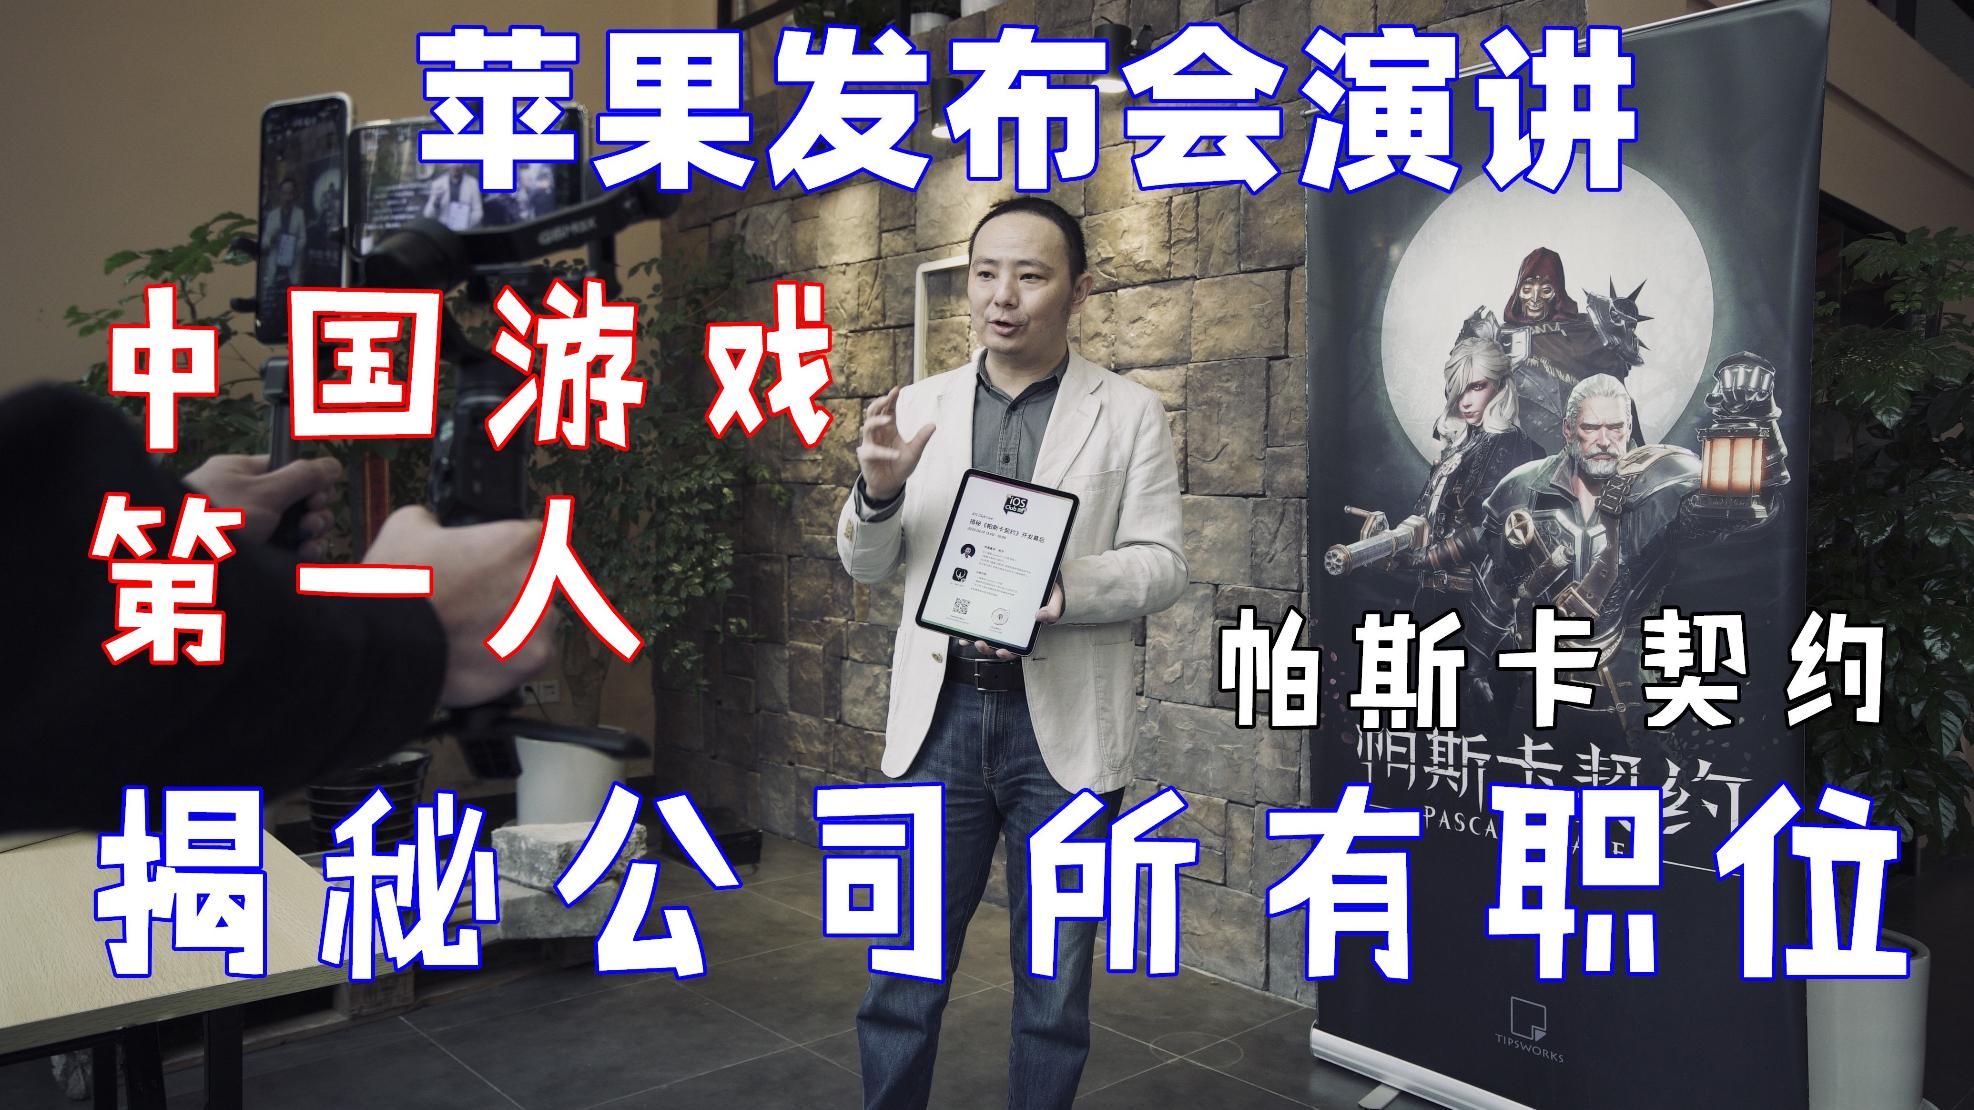 【哔说50】登上苹果发布会 中国游戏第一人 揭秘游戏研发公司所有职位